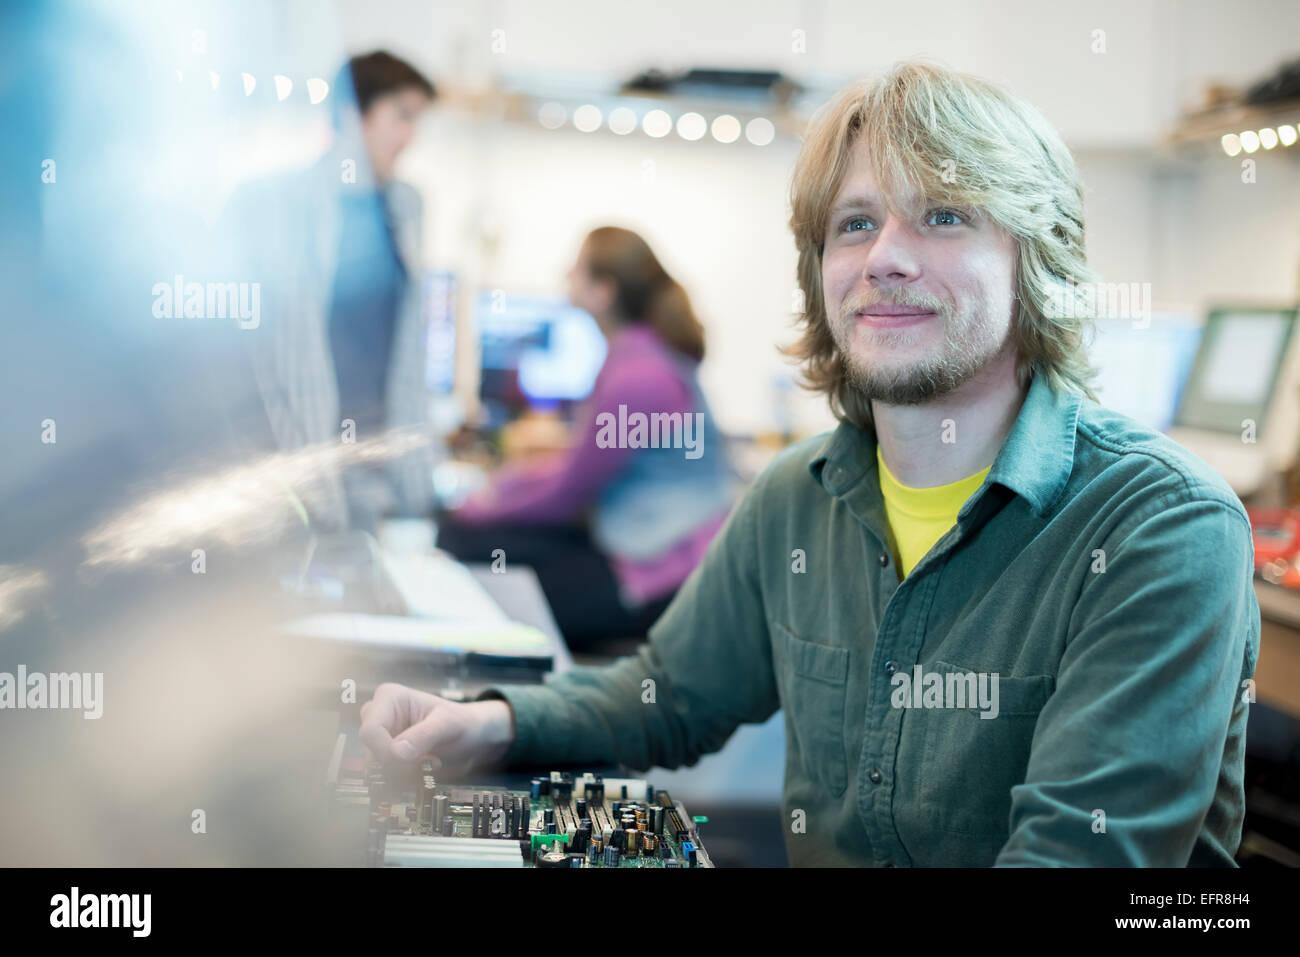 Un jeune homme et deux de ses collègues de travail dans un magasin d'informatique. Photo Stock